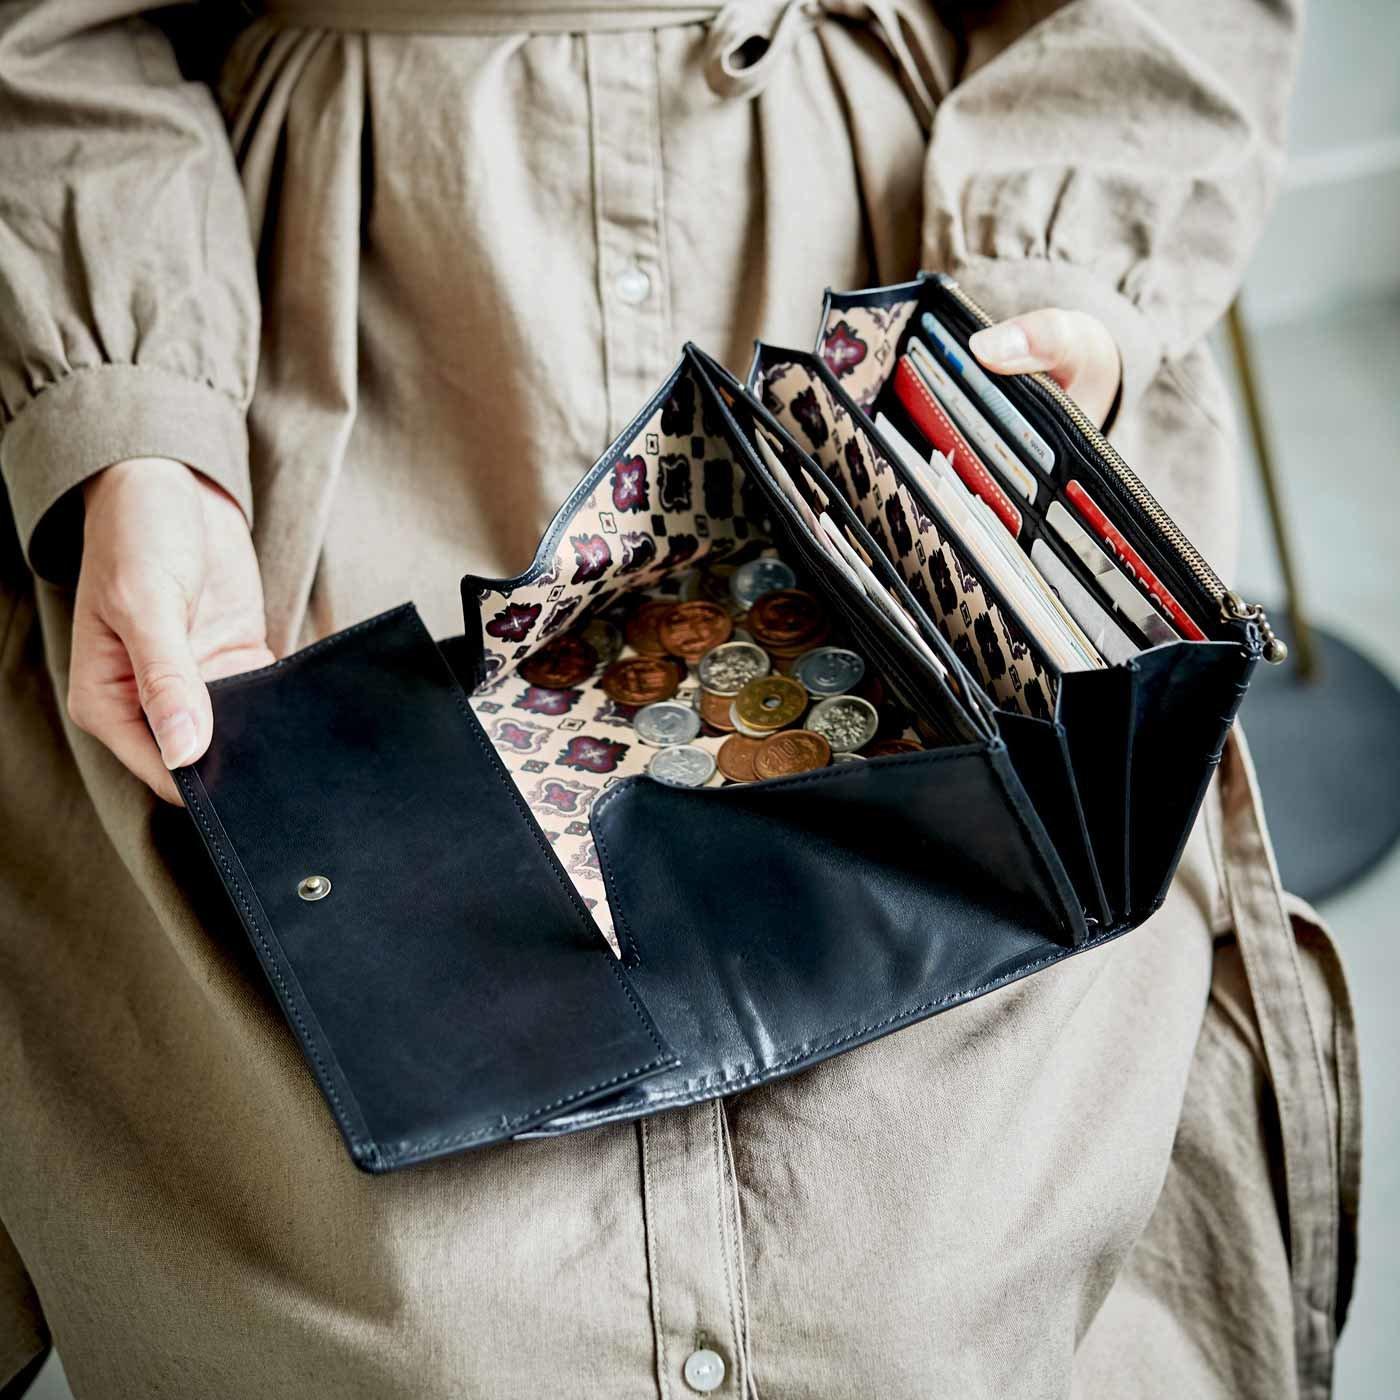 職人仕上げの馬革ギャルソン財布〈黒鍵(こっけん)色〉[本革 財布:日本製]